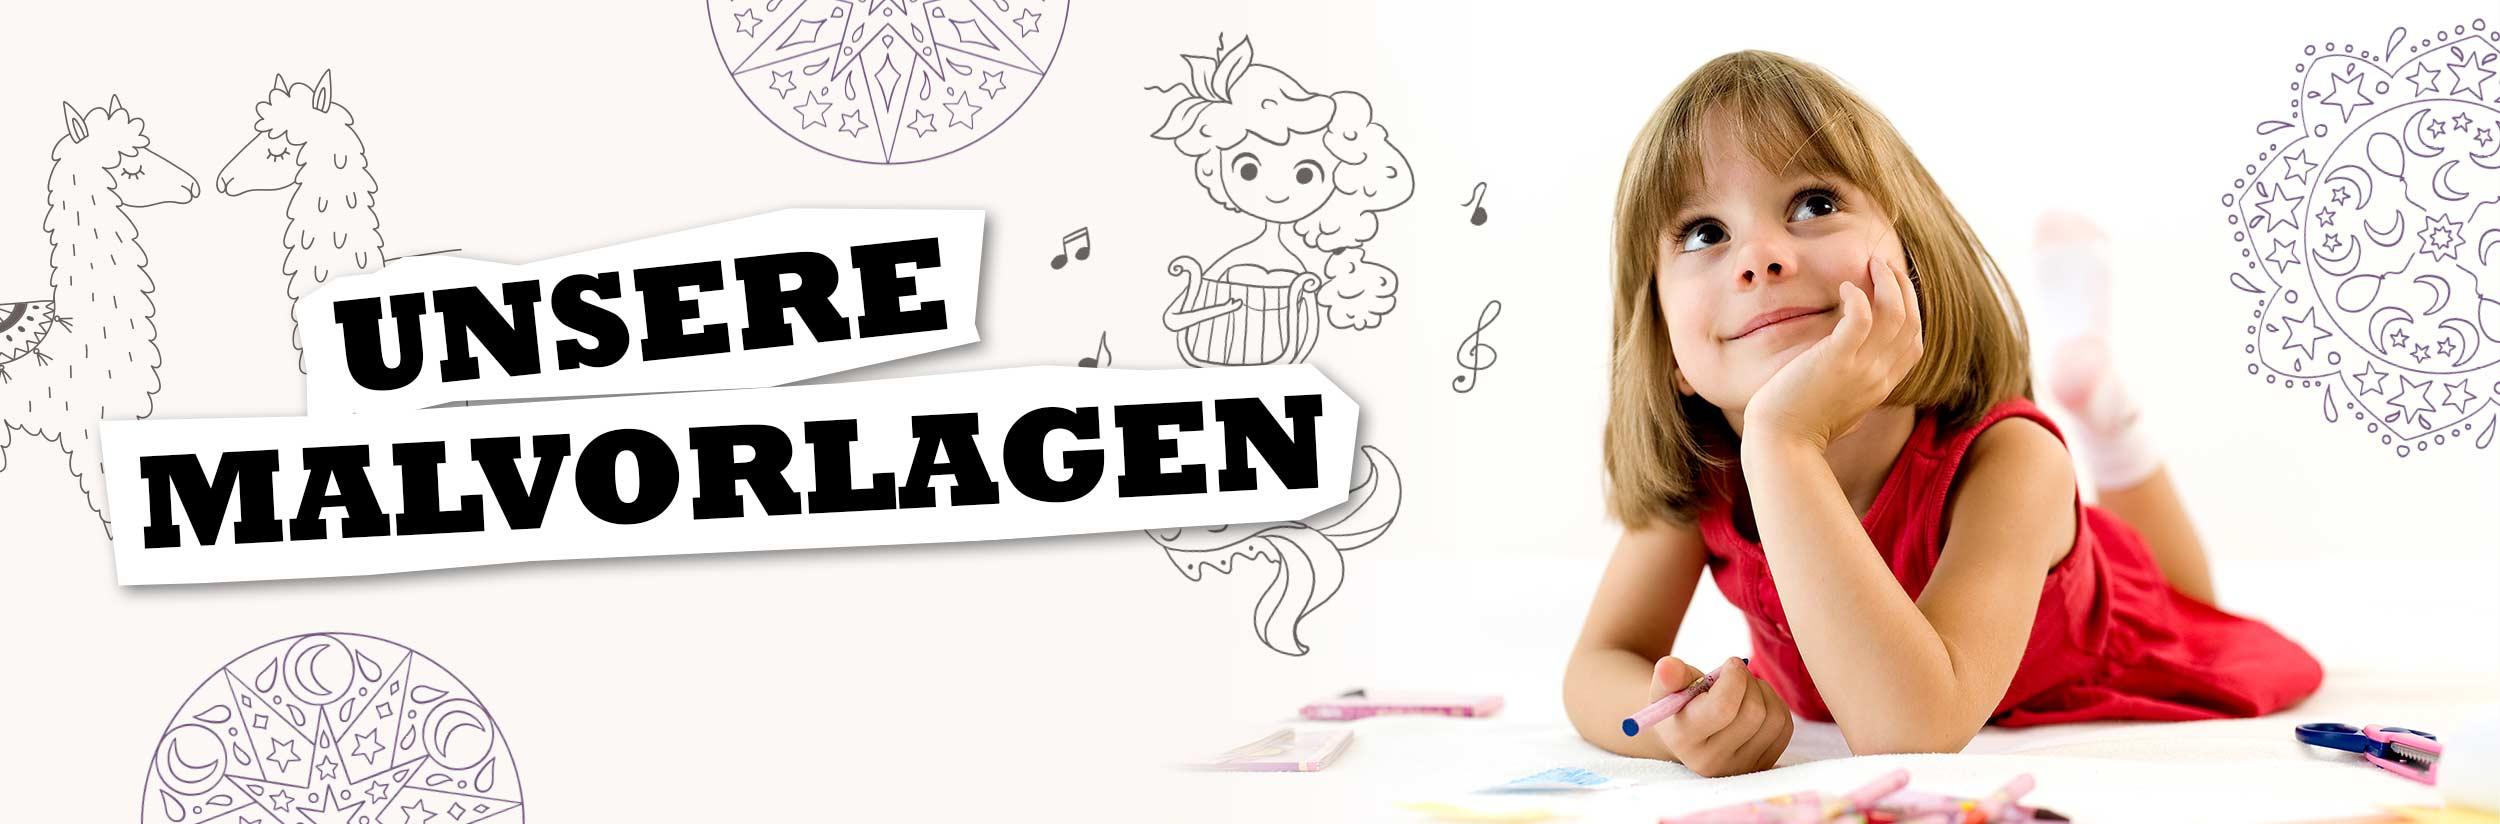 Kostenfreie Malvorlagen Fur Kinder Fur Grosse Und Kleine Kinder Zum Freien Download